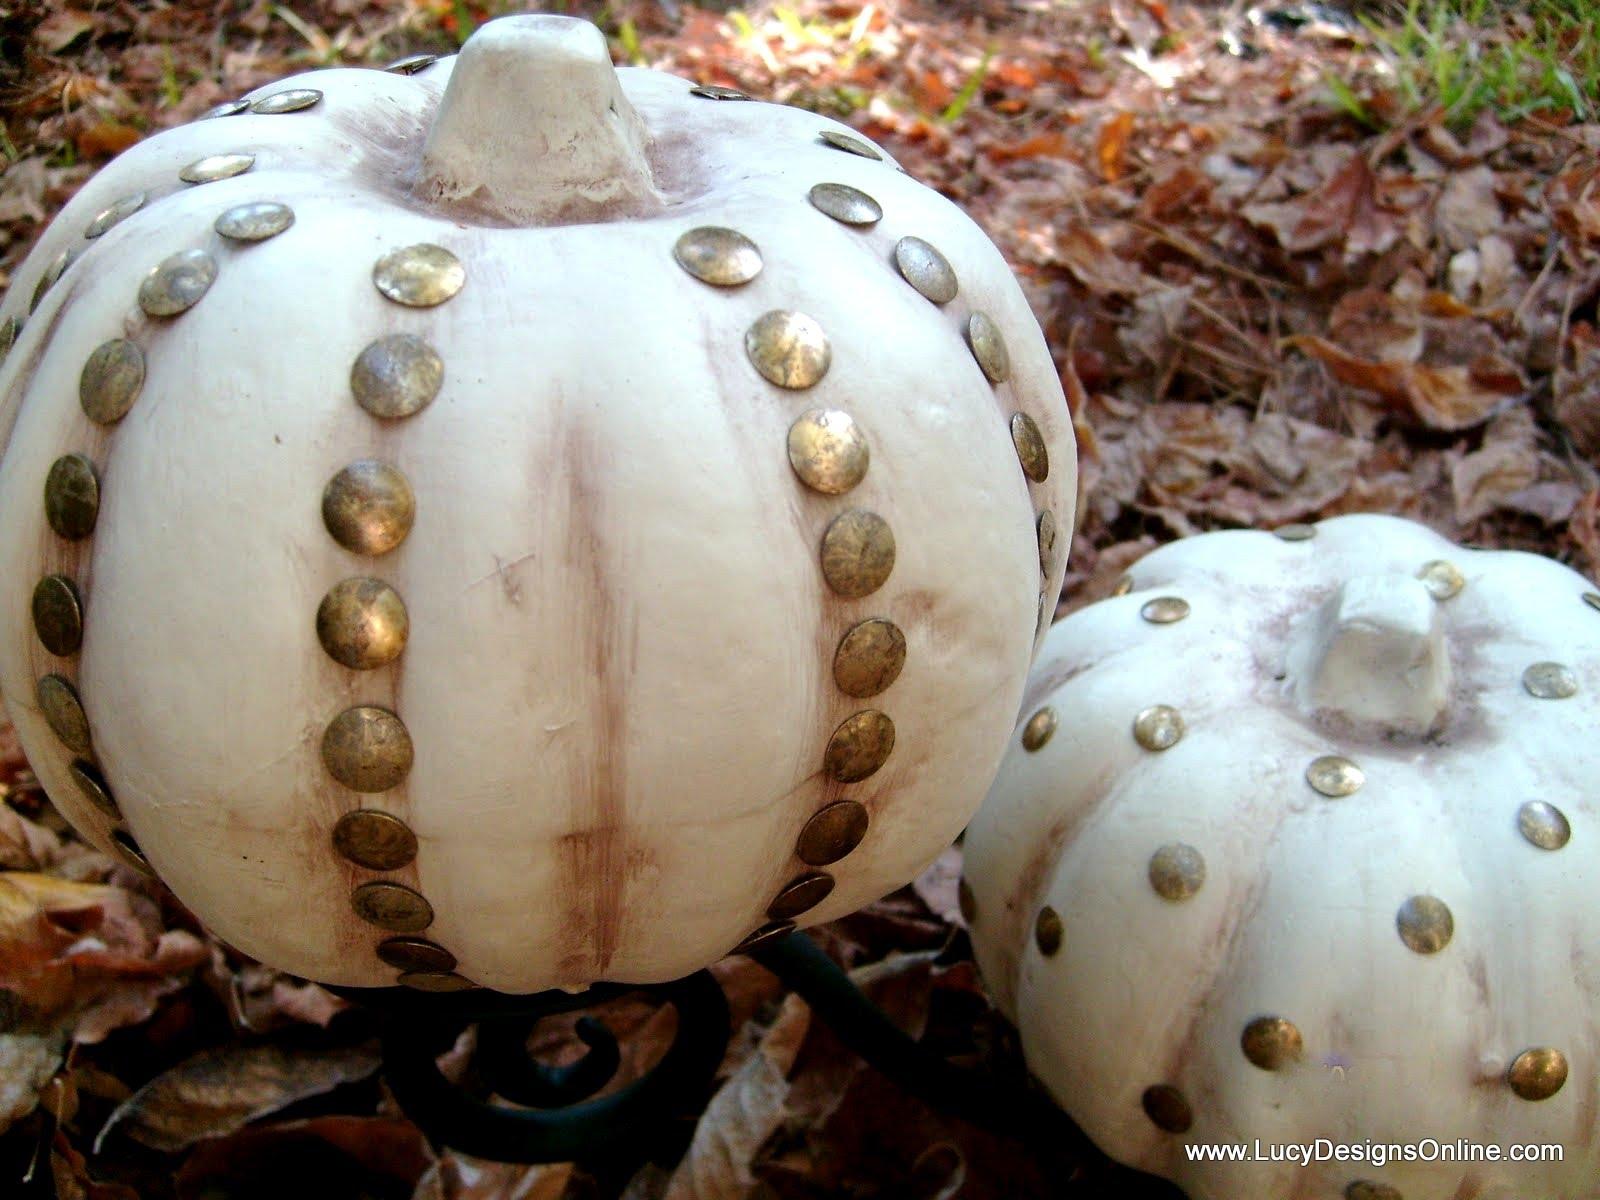 How to store pumpkins - Diy Dollar Store Pumpkin Decor